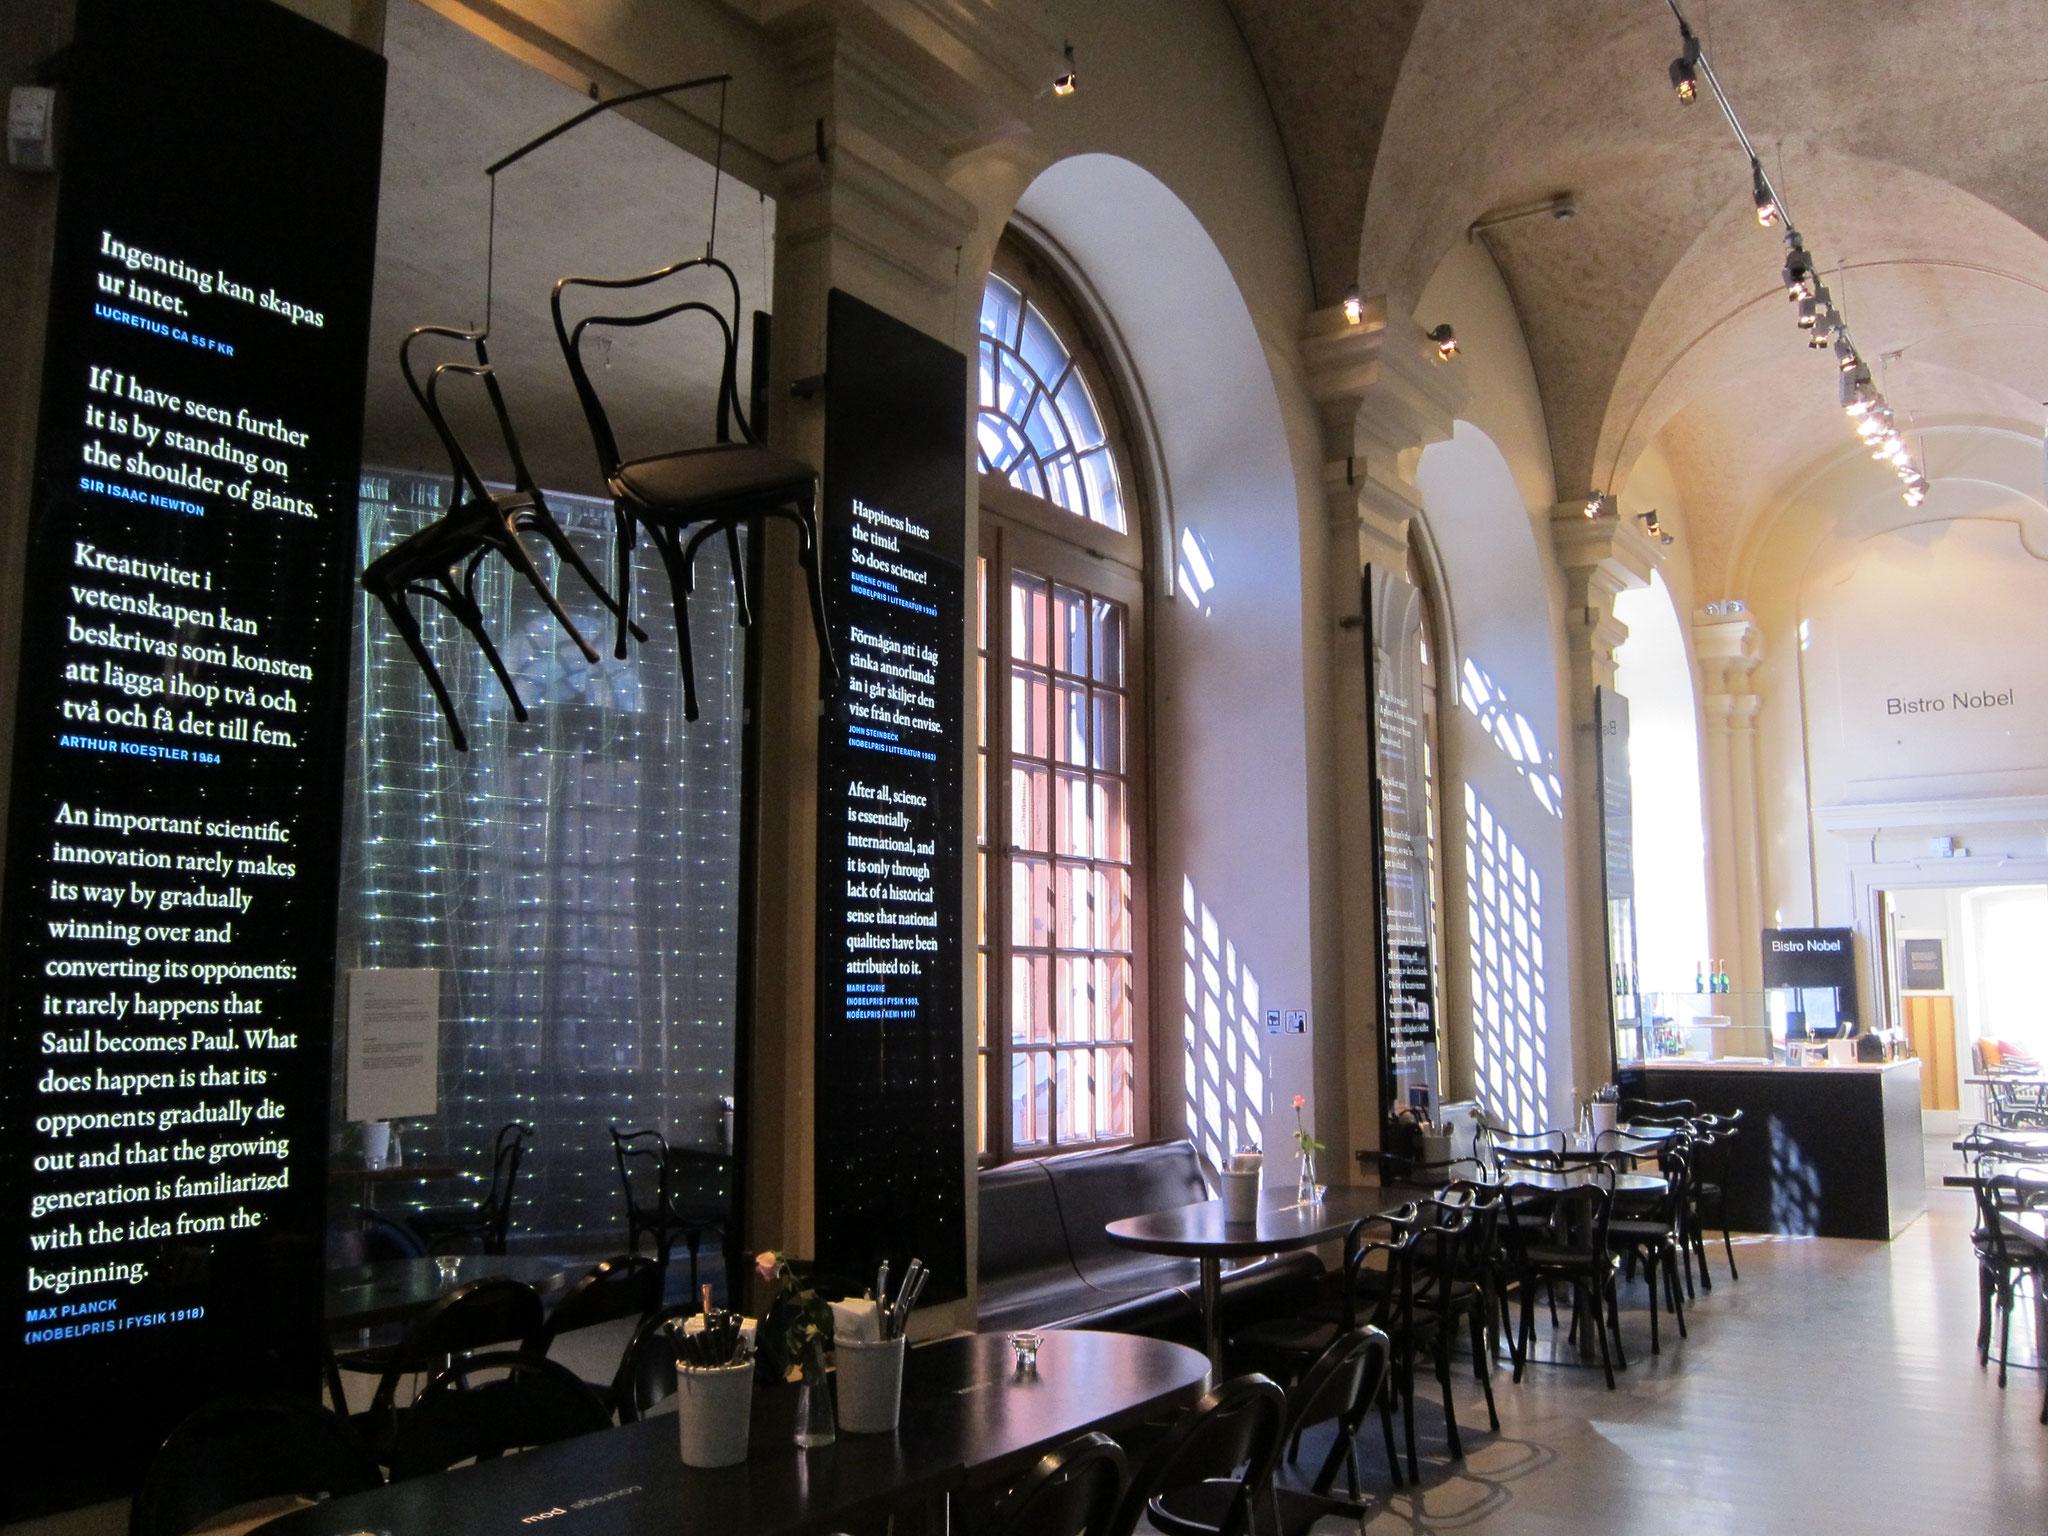 スウェーデンにあるノーベル博物館(記念館)です